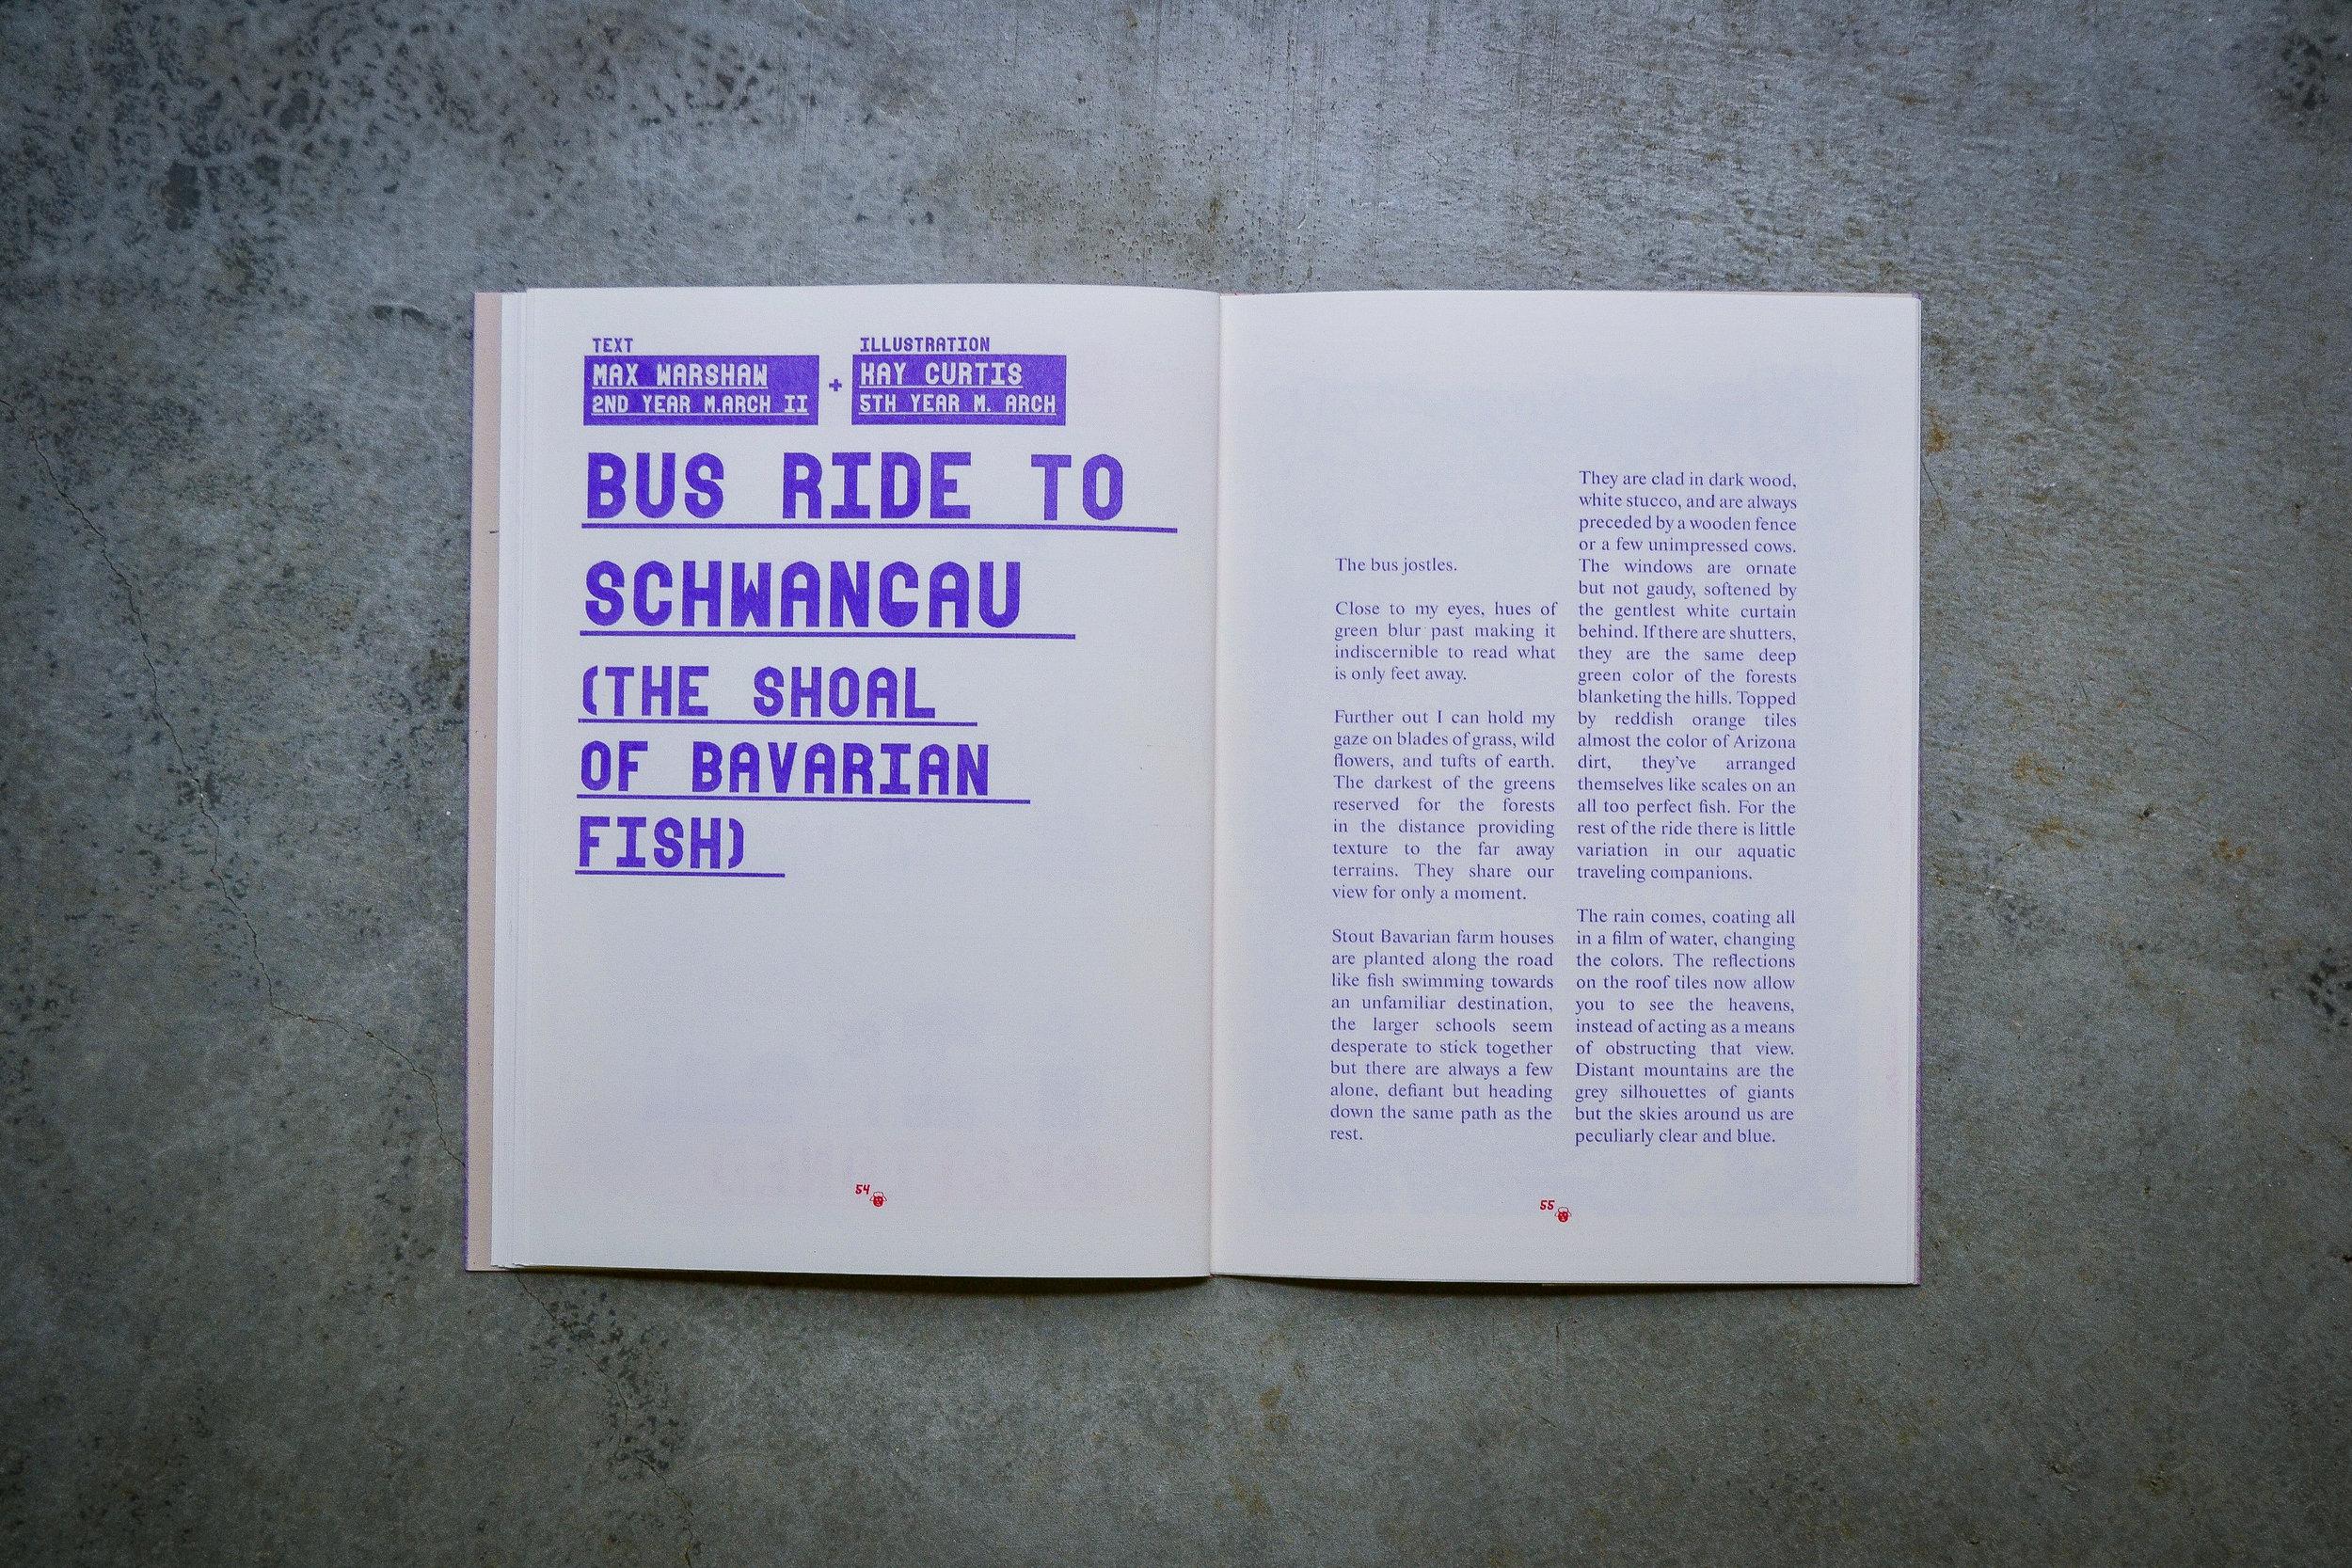 pg54.jpg